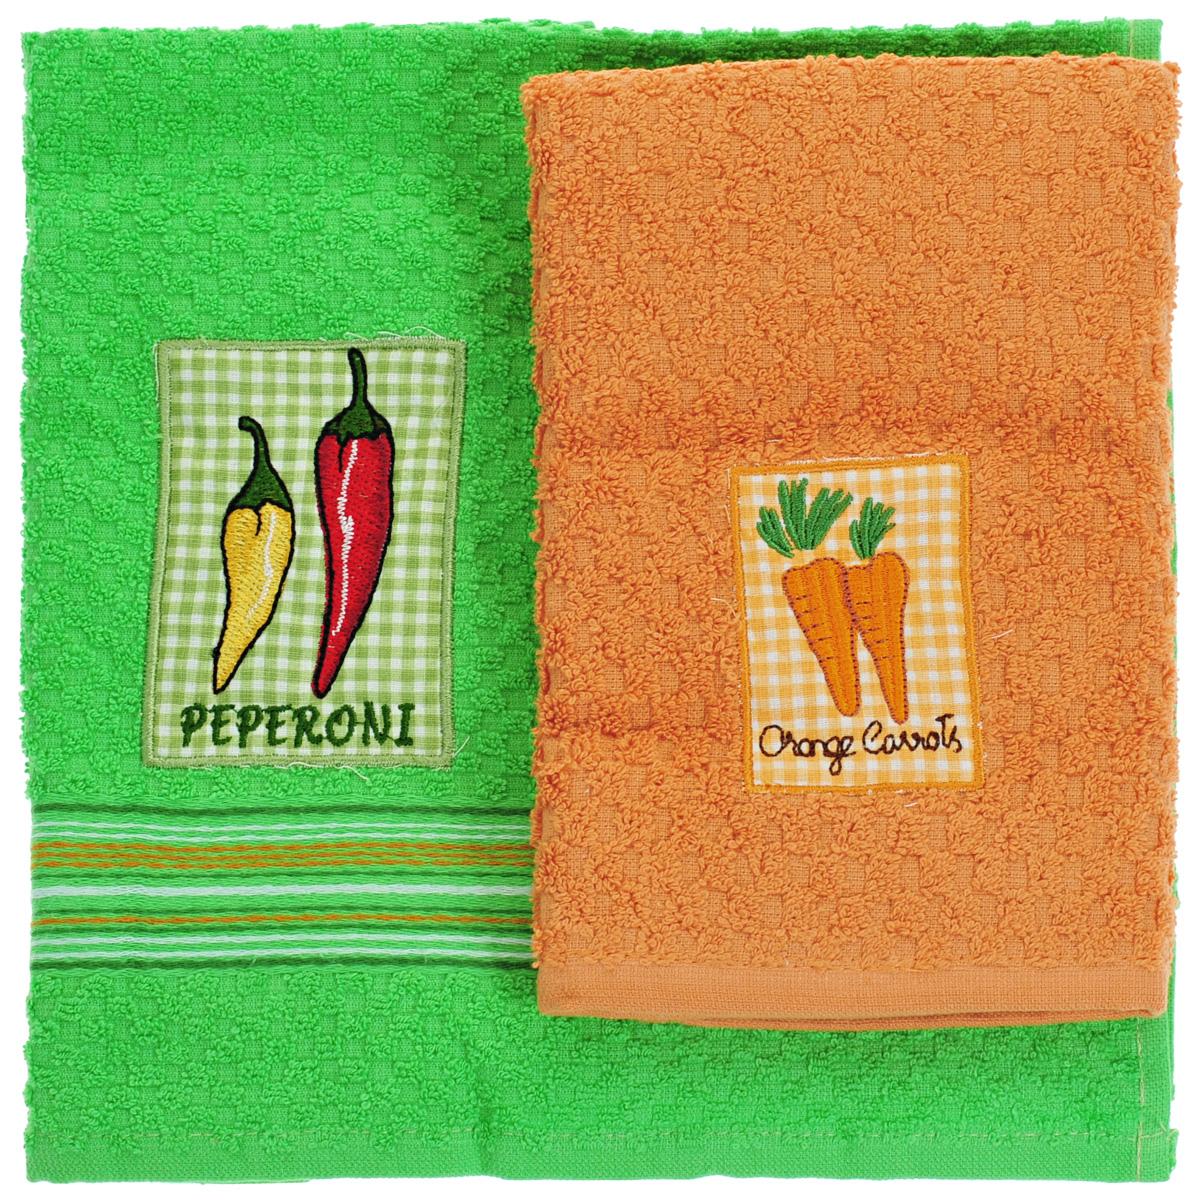 Набор махровых полотенец Bonita Перец. Морковь, 40 см х 60 см, 2 шт20100313373перец/морковьНабор полотенец Bonita Перец. Морковь, изготовленный из натурального хлопка, идеально дополнитинтерьер вашей кухни и создаст атмосферу уюта и комфорта. В набор входят два махровых полотенца.Полотенца оформлены вышивкой в виде перца и морковки. Изделия выполнены из натурального материала, поэтому являются экологически чистыми. Высочайшее качествоматериала гарантирует безопасность не только взрослых, но и самых маленьких членов семьи.Современный декоративный текстиль для дома должен быть экологически чистым продуктом и отличаться ярким исовременным дизайном.Кухня, столовая, гостиная - то место в доме, где хочется собраться всем вместе, ощутить радость и уют. И немалаядоля этого уюта зависит от подобранных под вашу мебель, и что уж говорить, под ваше настроение - полотенец,скатертей, салфеток и прочих милых мелочей. Bonita предлагает коллекции готовых стилистических решений дляразличной кухонной мебели, множество видов, рисунков и цветов. Вам легко будет создать нужную атмосферу накухне и в столовой с товарами Bonita.